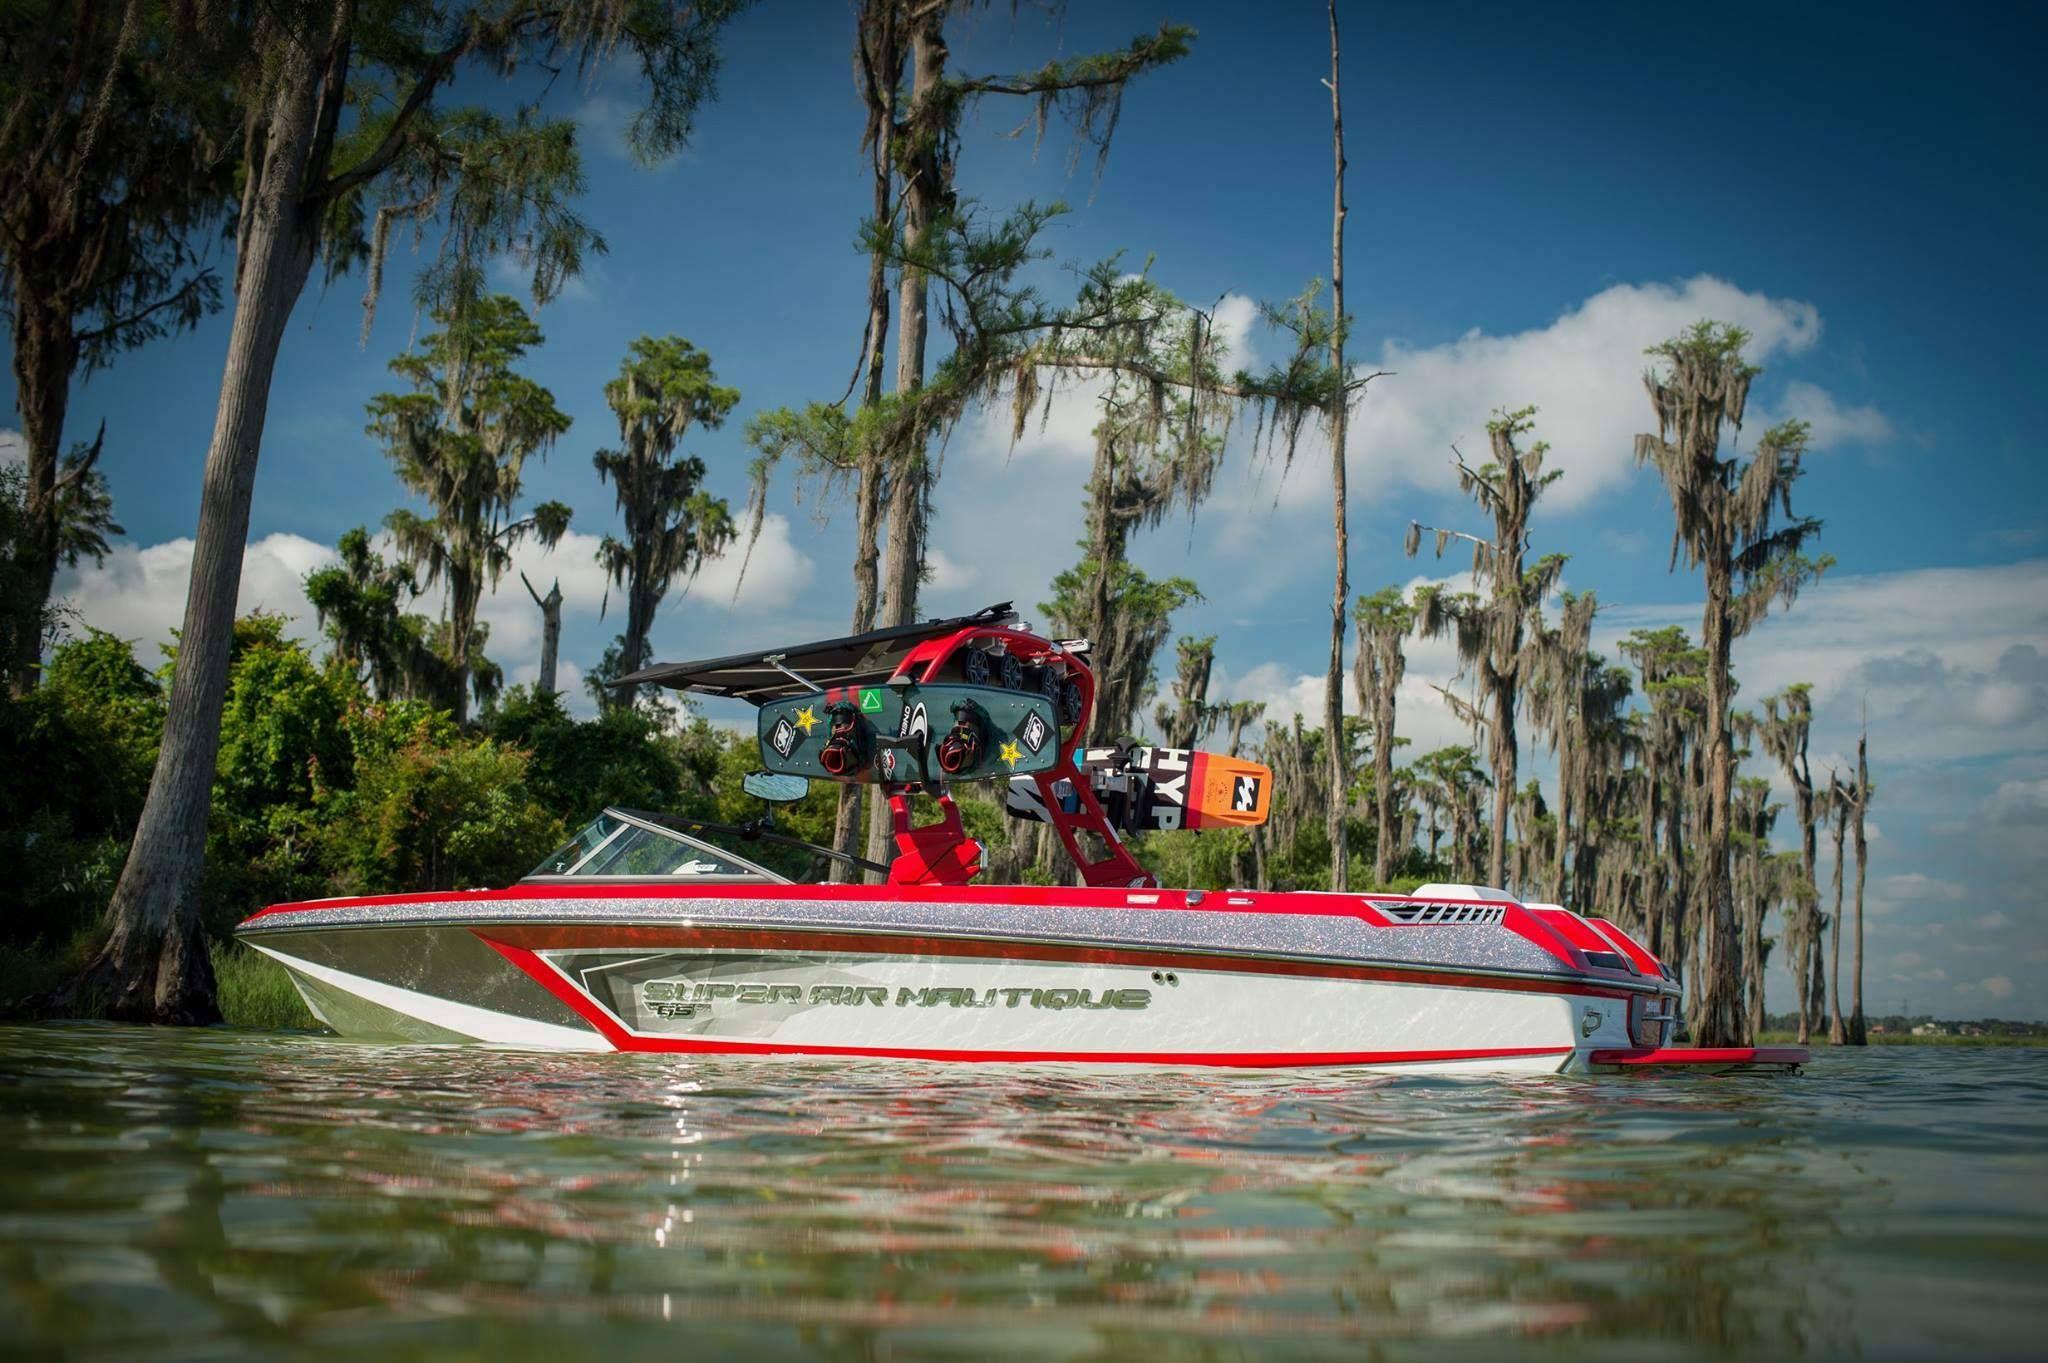 Meet 2018 Super Air Nautique GS24, a sport boat that takes